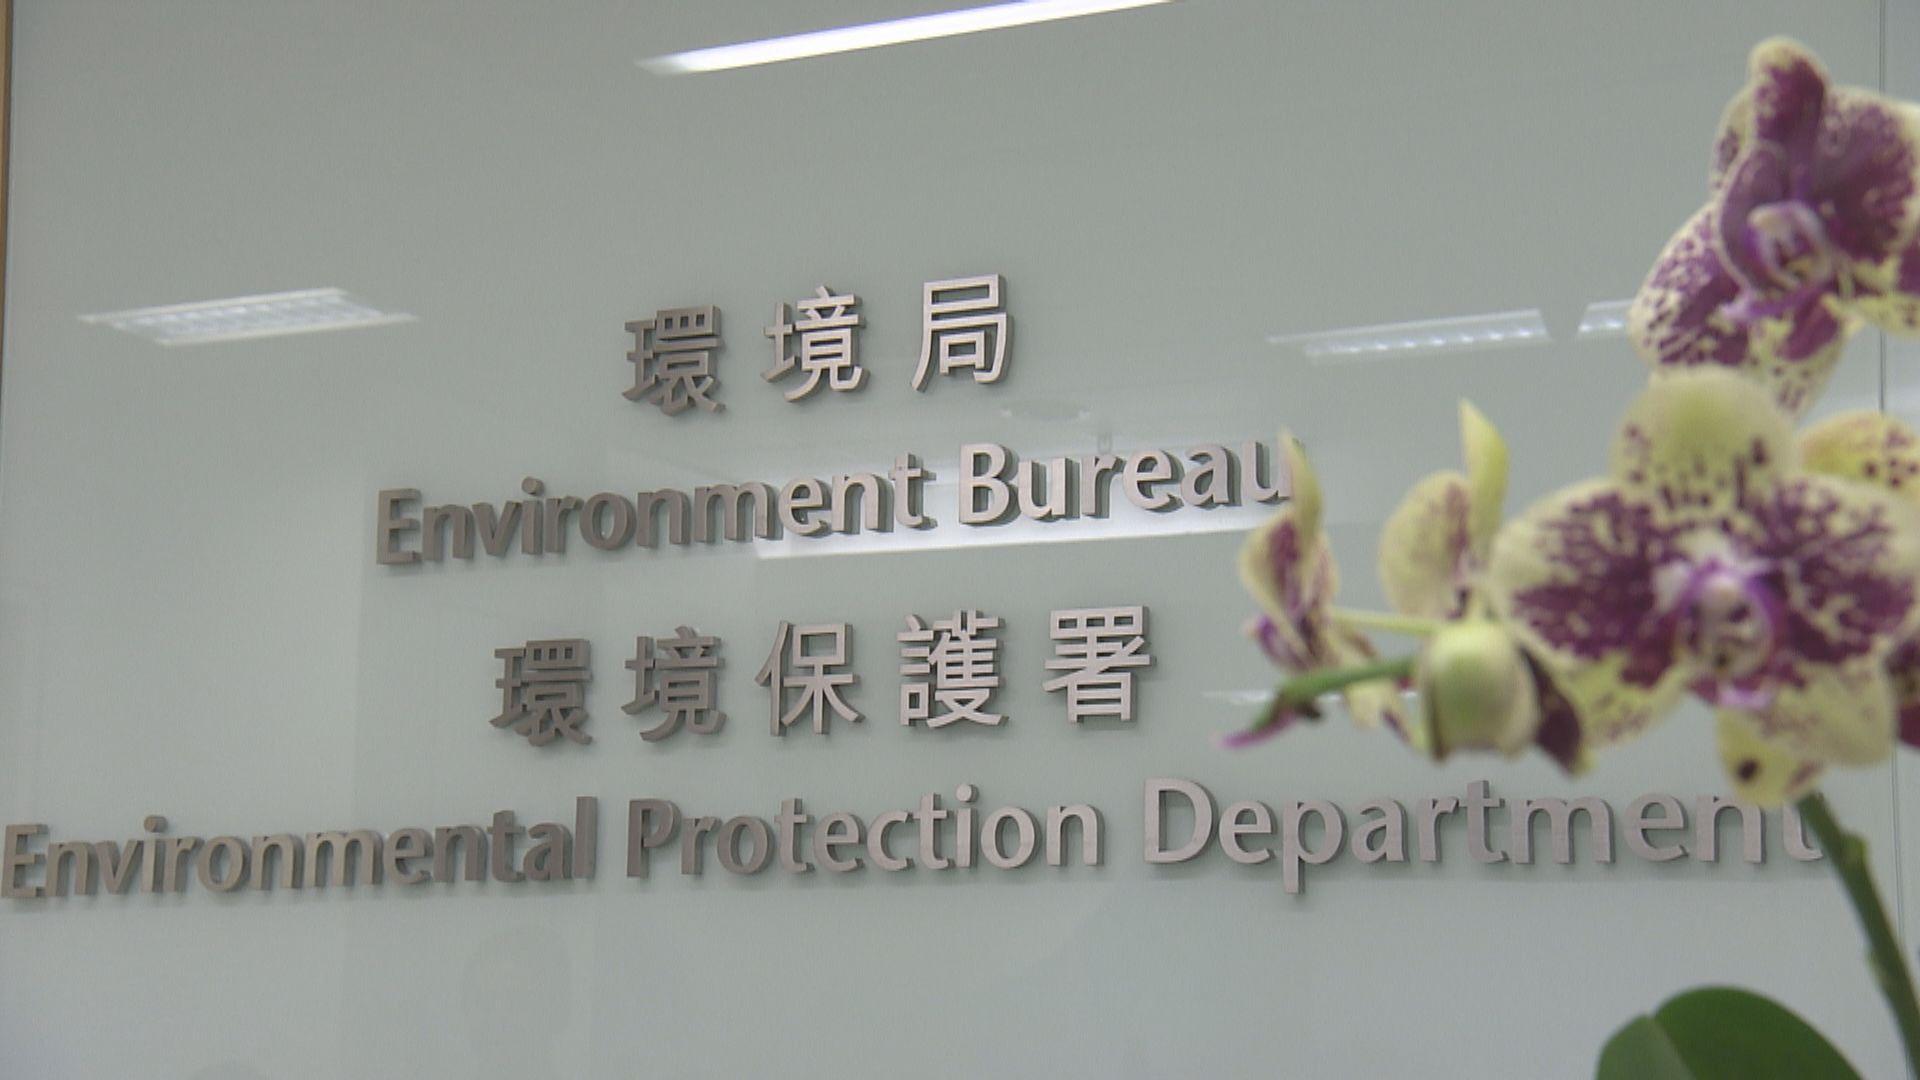 環保署提醒威院處理石棉前須完成調查